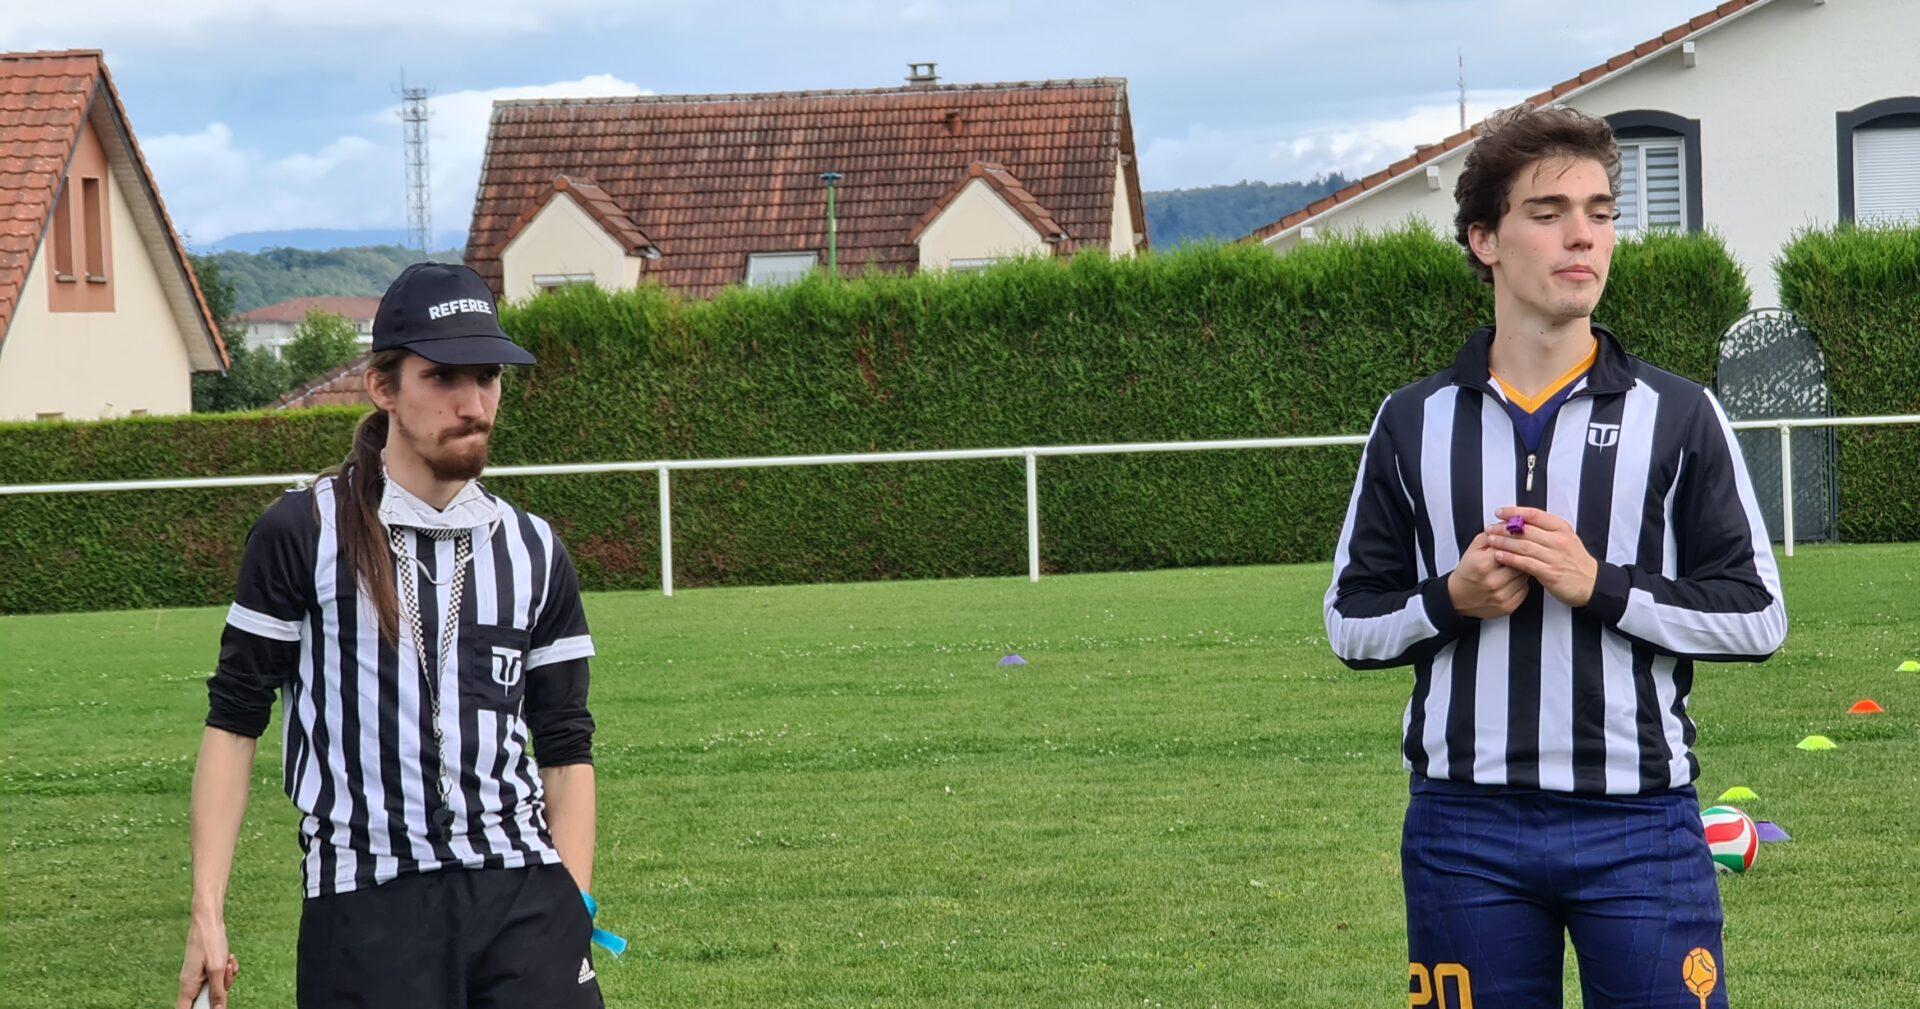 Deux personnes en maillot d'arbitres (rayures noires et blanches verticales) sur un terrain de sport en extérieur